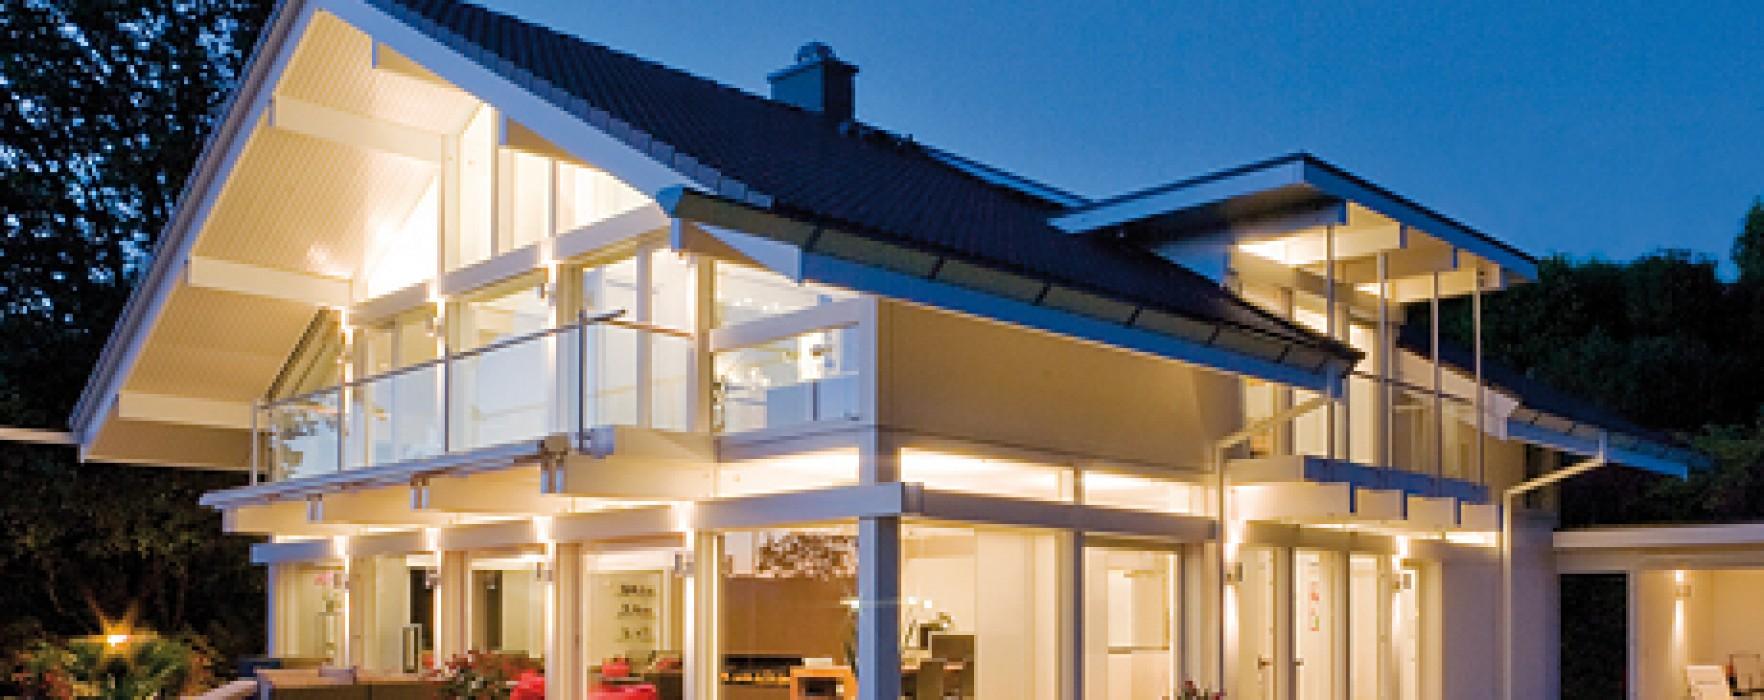 Gasbeton vs case di legno - Costruire casa di legno ...